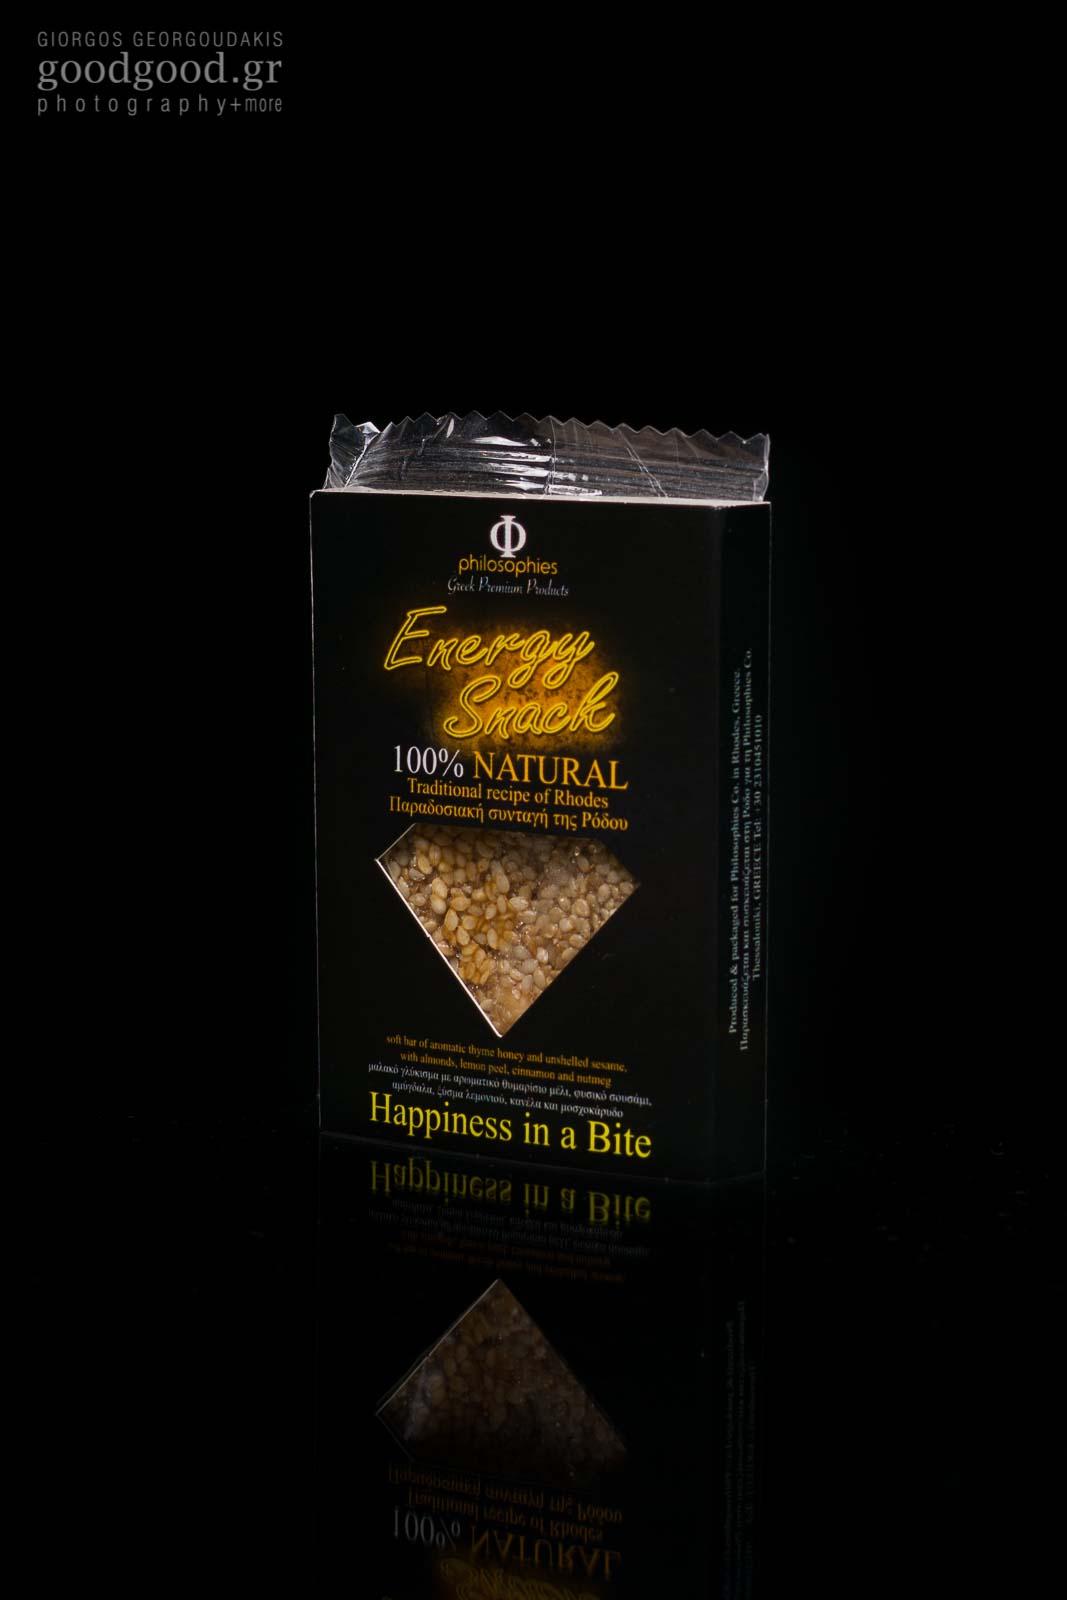 Φωτογραφία προϊόντος σε σκούρο φόντο ενός σνακ από σουσάμι (παστέλι)